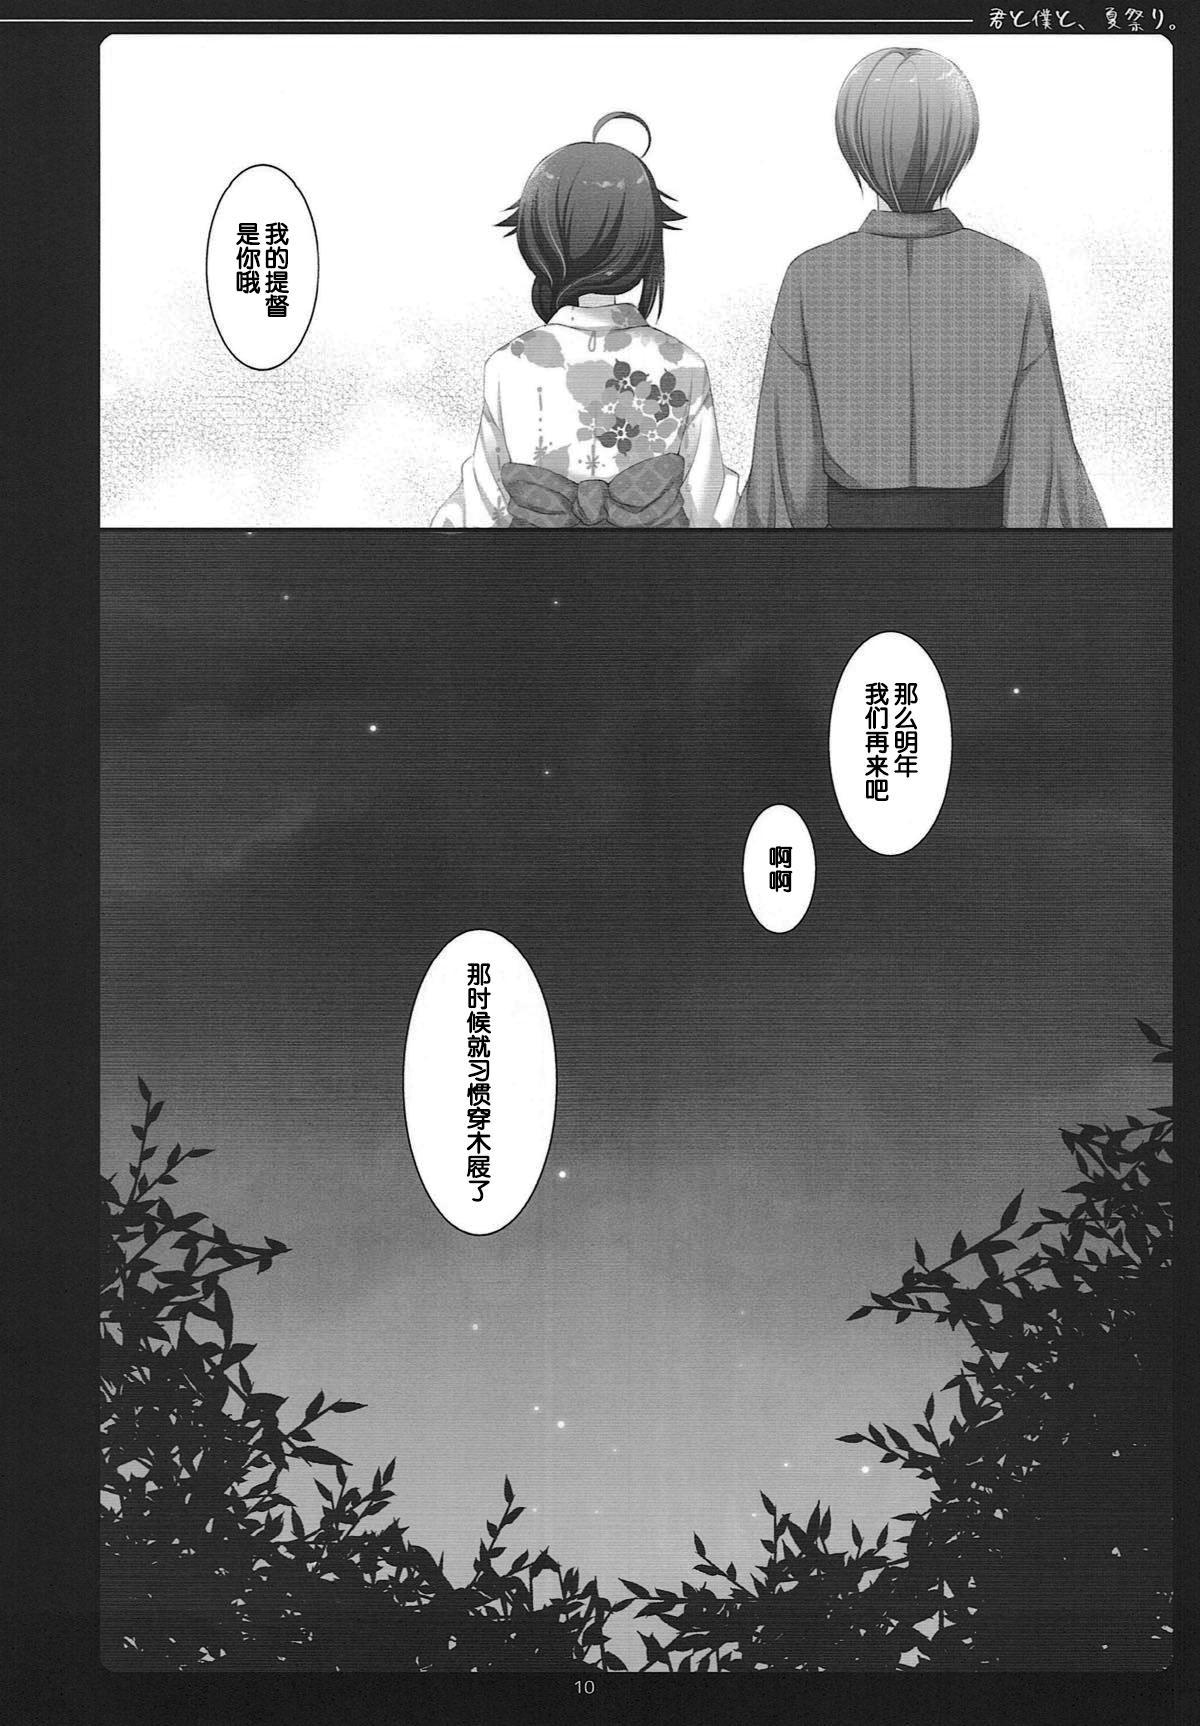 Kimi to Boku to, Natsumatsuri. 9